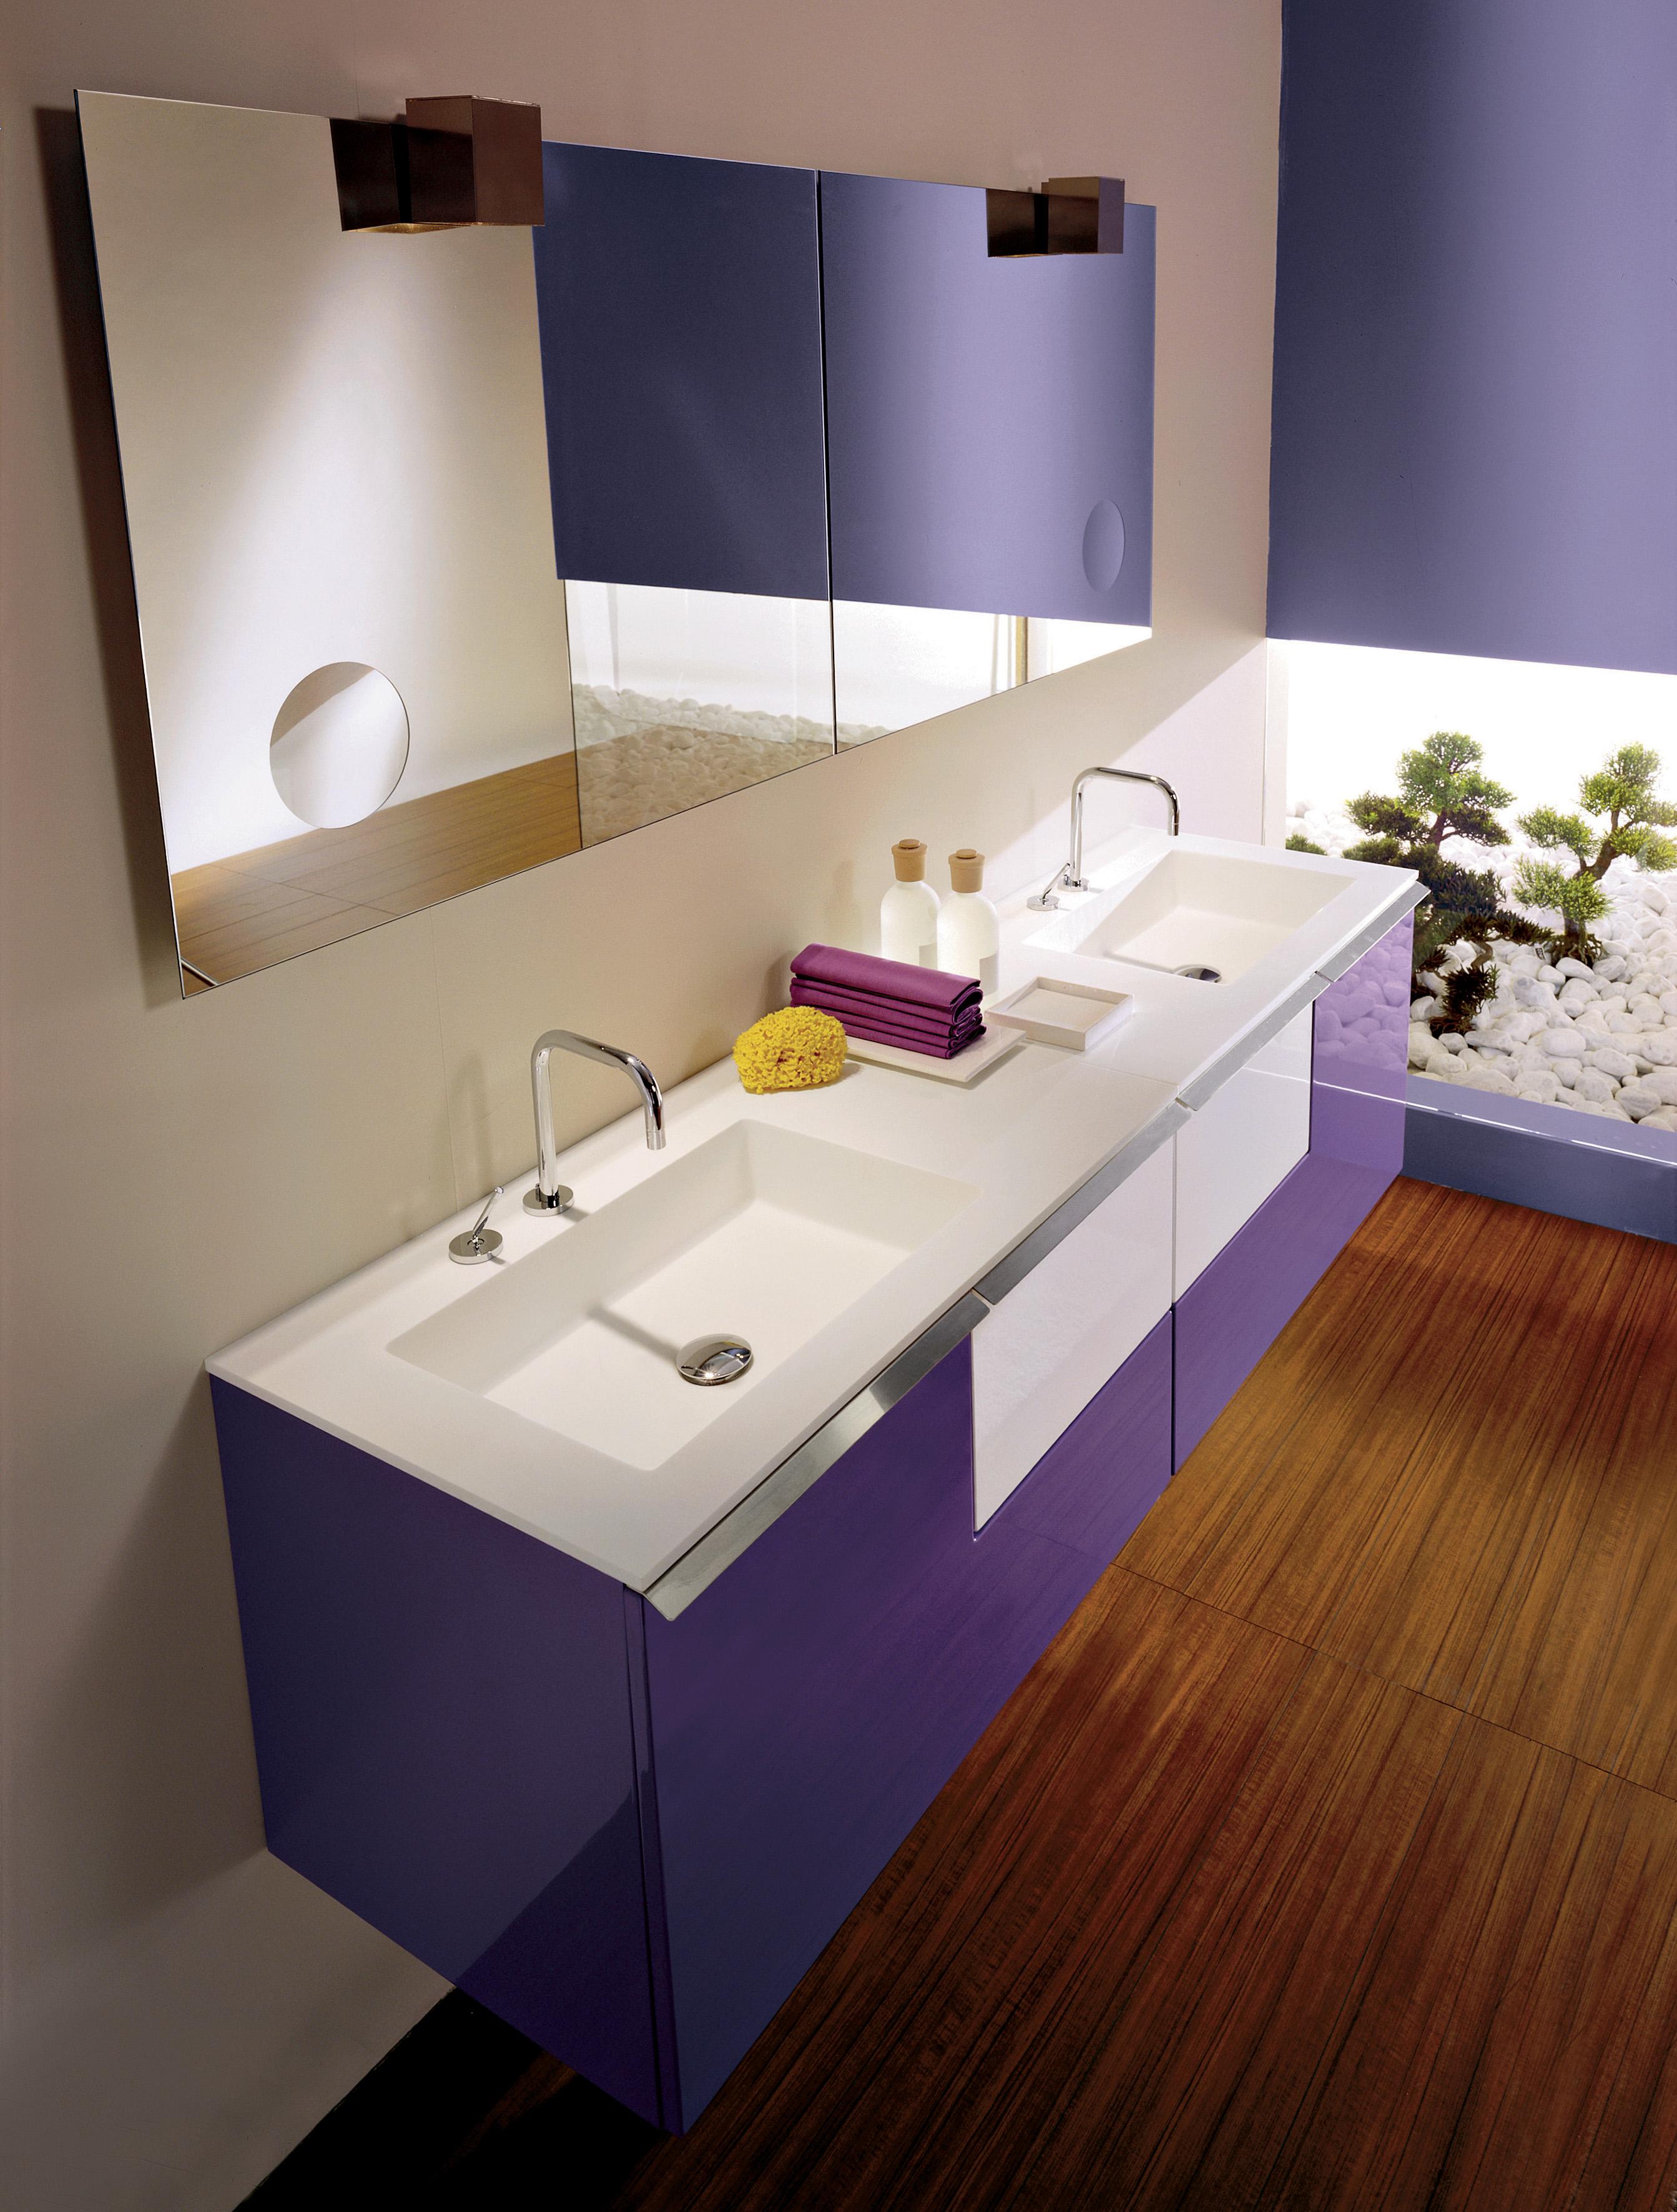 Bagni viola nel bagno le pareti viola sono dipinte con smalto opaco alluacqua protetto in - Piastrelle bagno mosaico viola ...